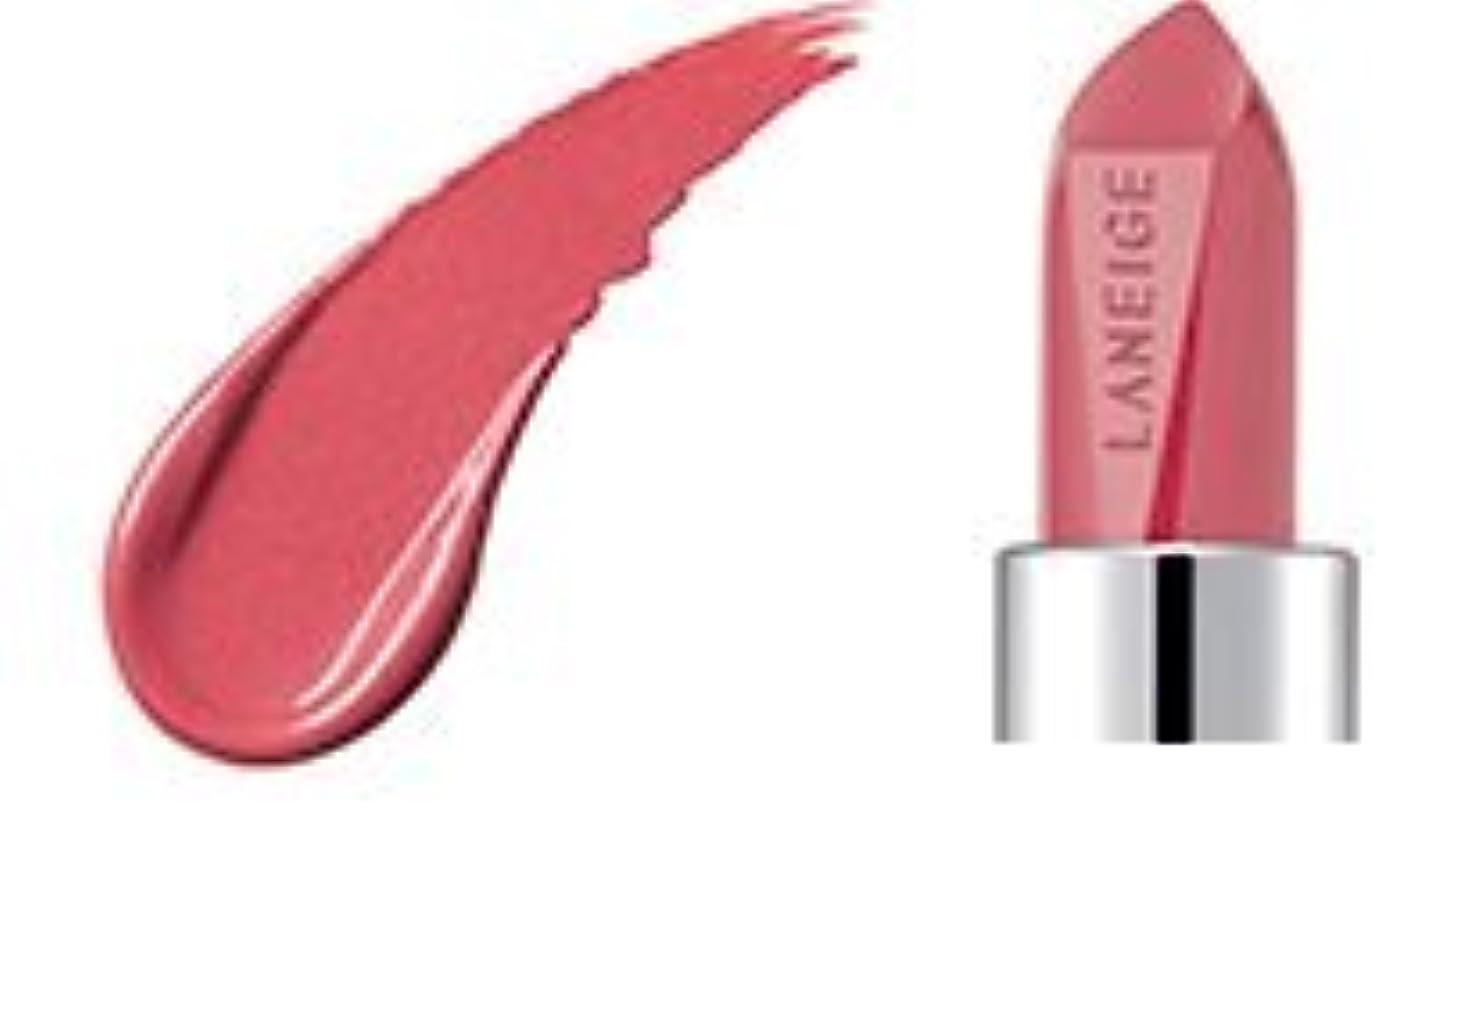 人事承認副[2017 Renewal] LANEIGE Silk Intense Lipstick 3.5g/ラネージュ シルク インテンス リップスティック 3.5g (#430 Pink Garden) [並行輸入品]